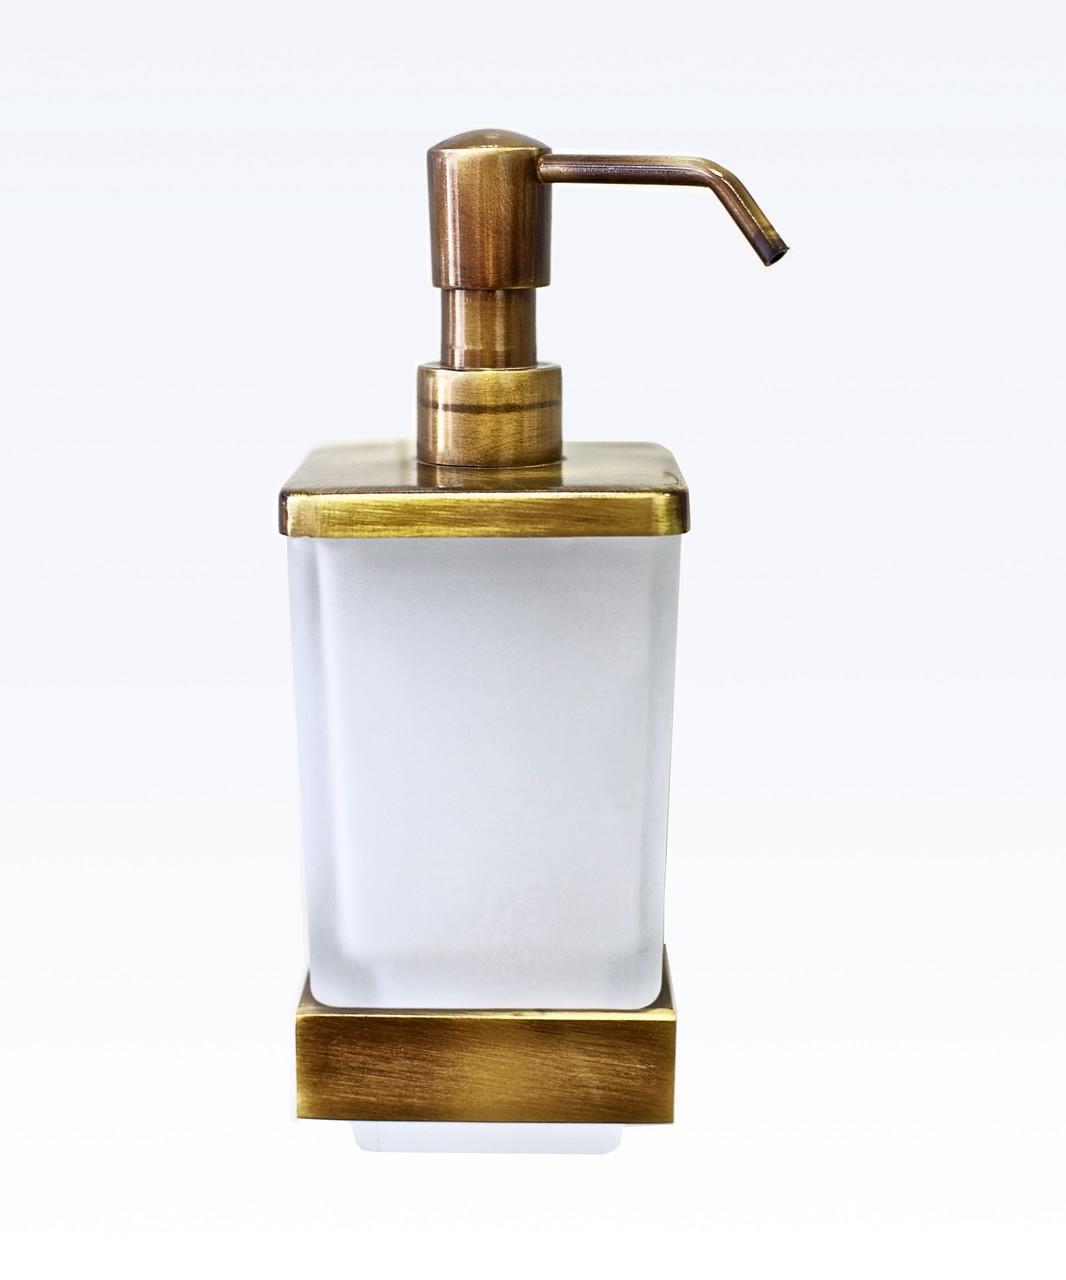 Дозатор для жидкого мыла монтажный серия Viya бронза